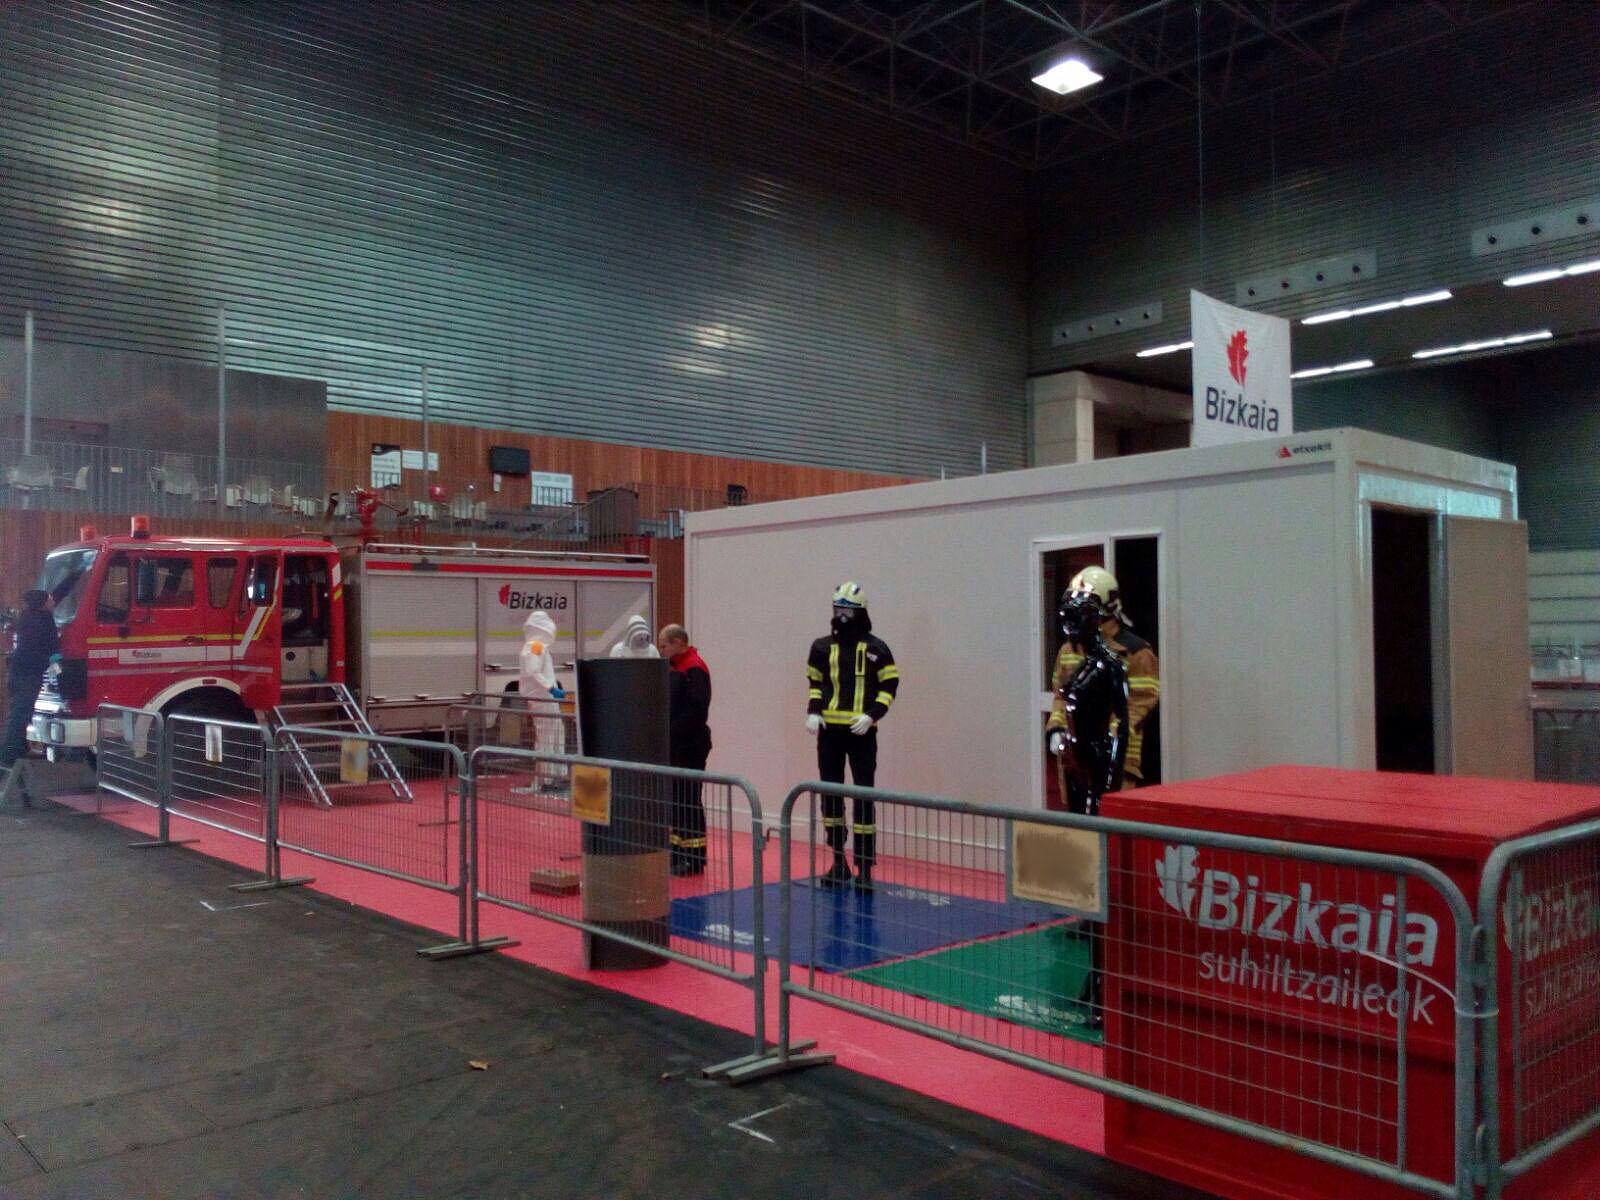 20171219_Diputacion Foral Bizkaia_CO17-0438_Modulo_BEC-PIN Barakaldo_Entrega (1) copiar